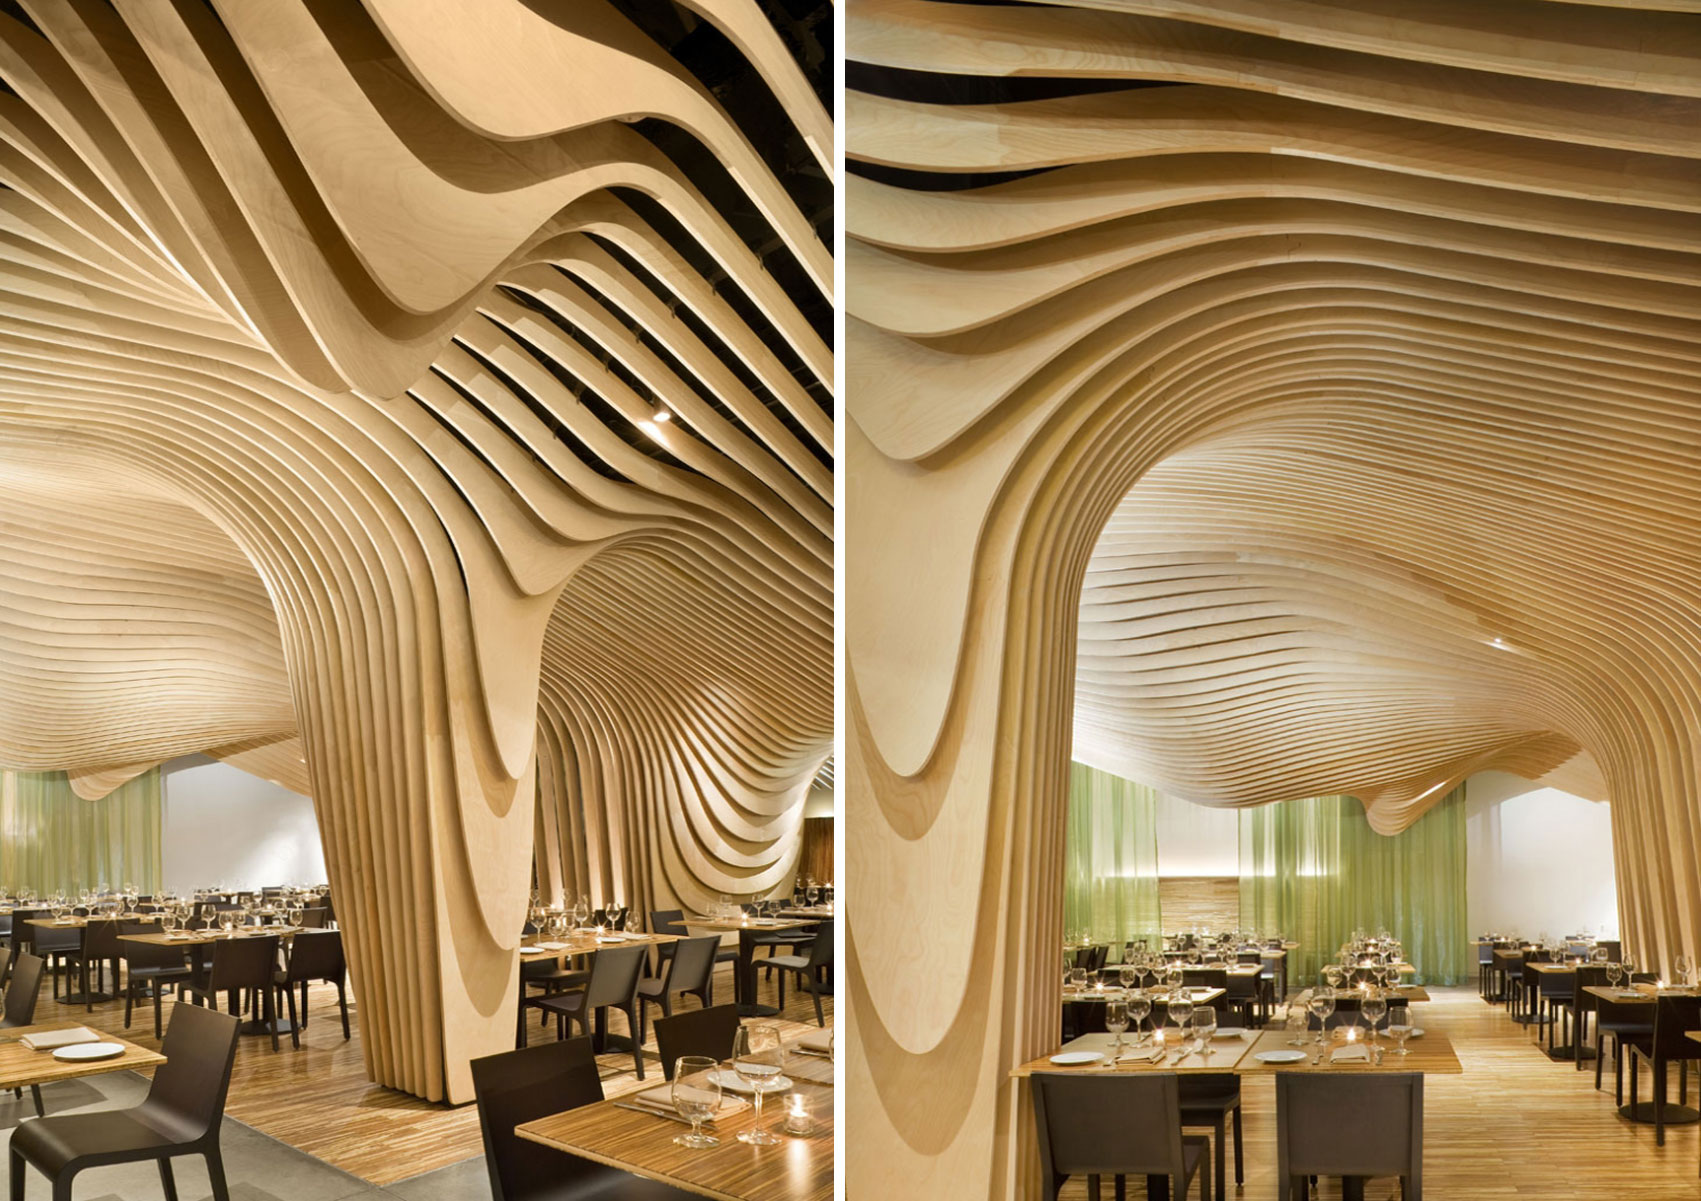 طراحی درخت ساده دکوراسیون داخلی رستوران بنکیو